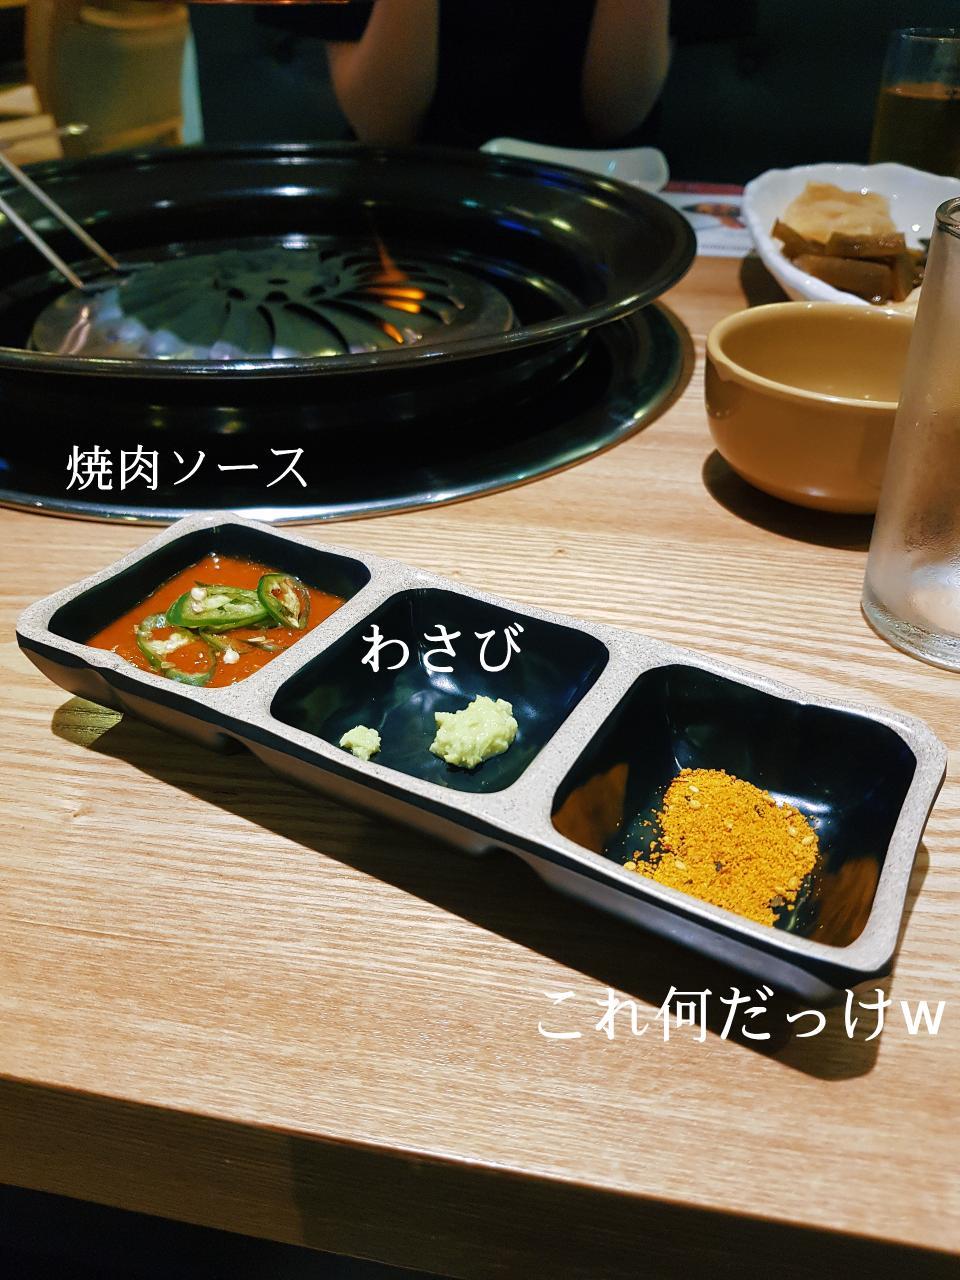 シンガポール韓国BBQ ハローアジア 麻薬ソース